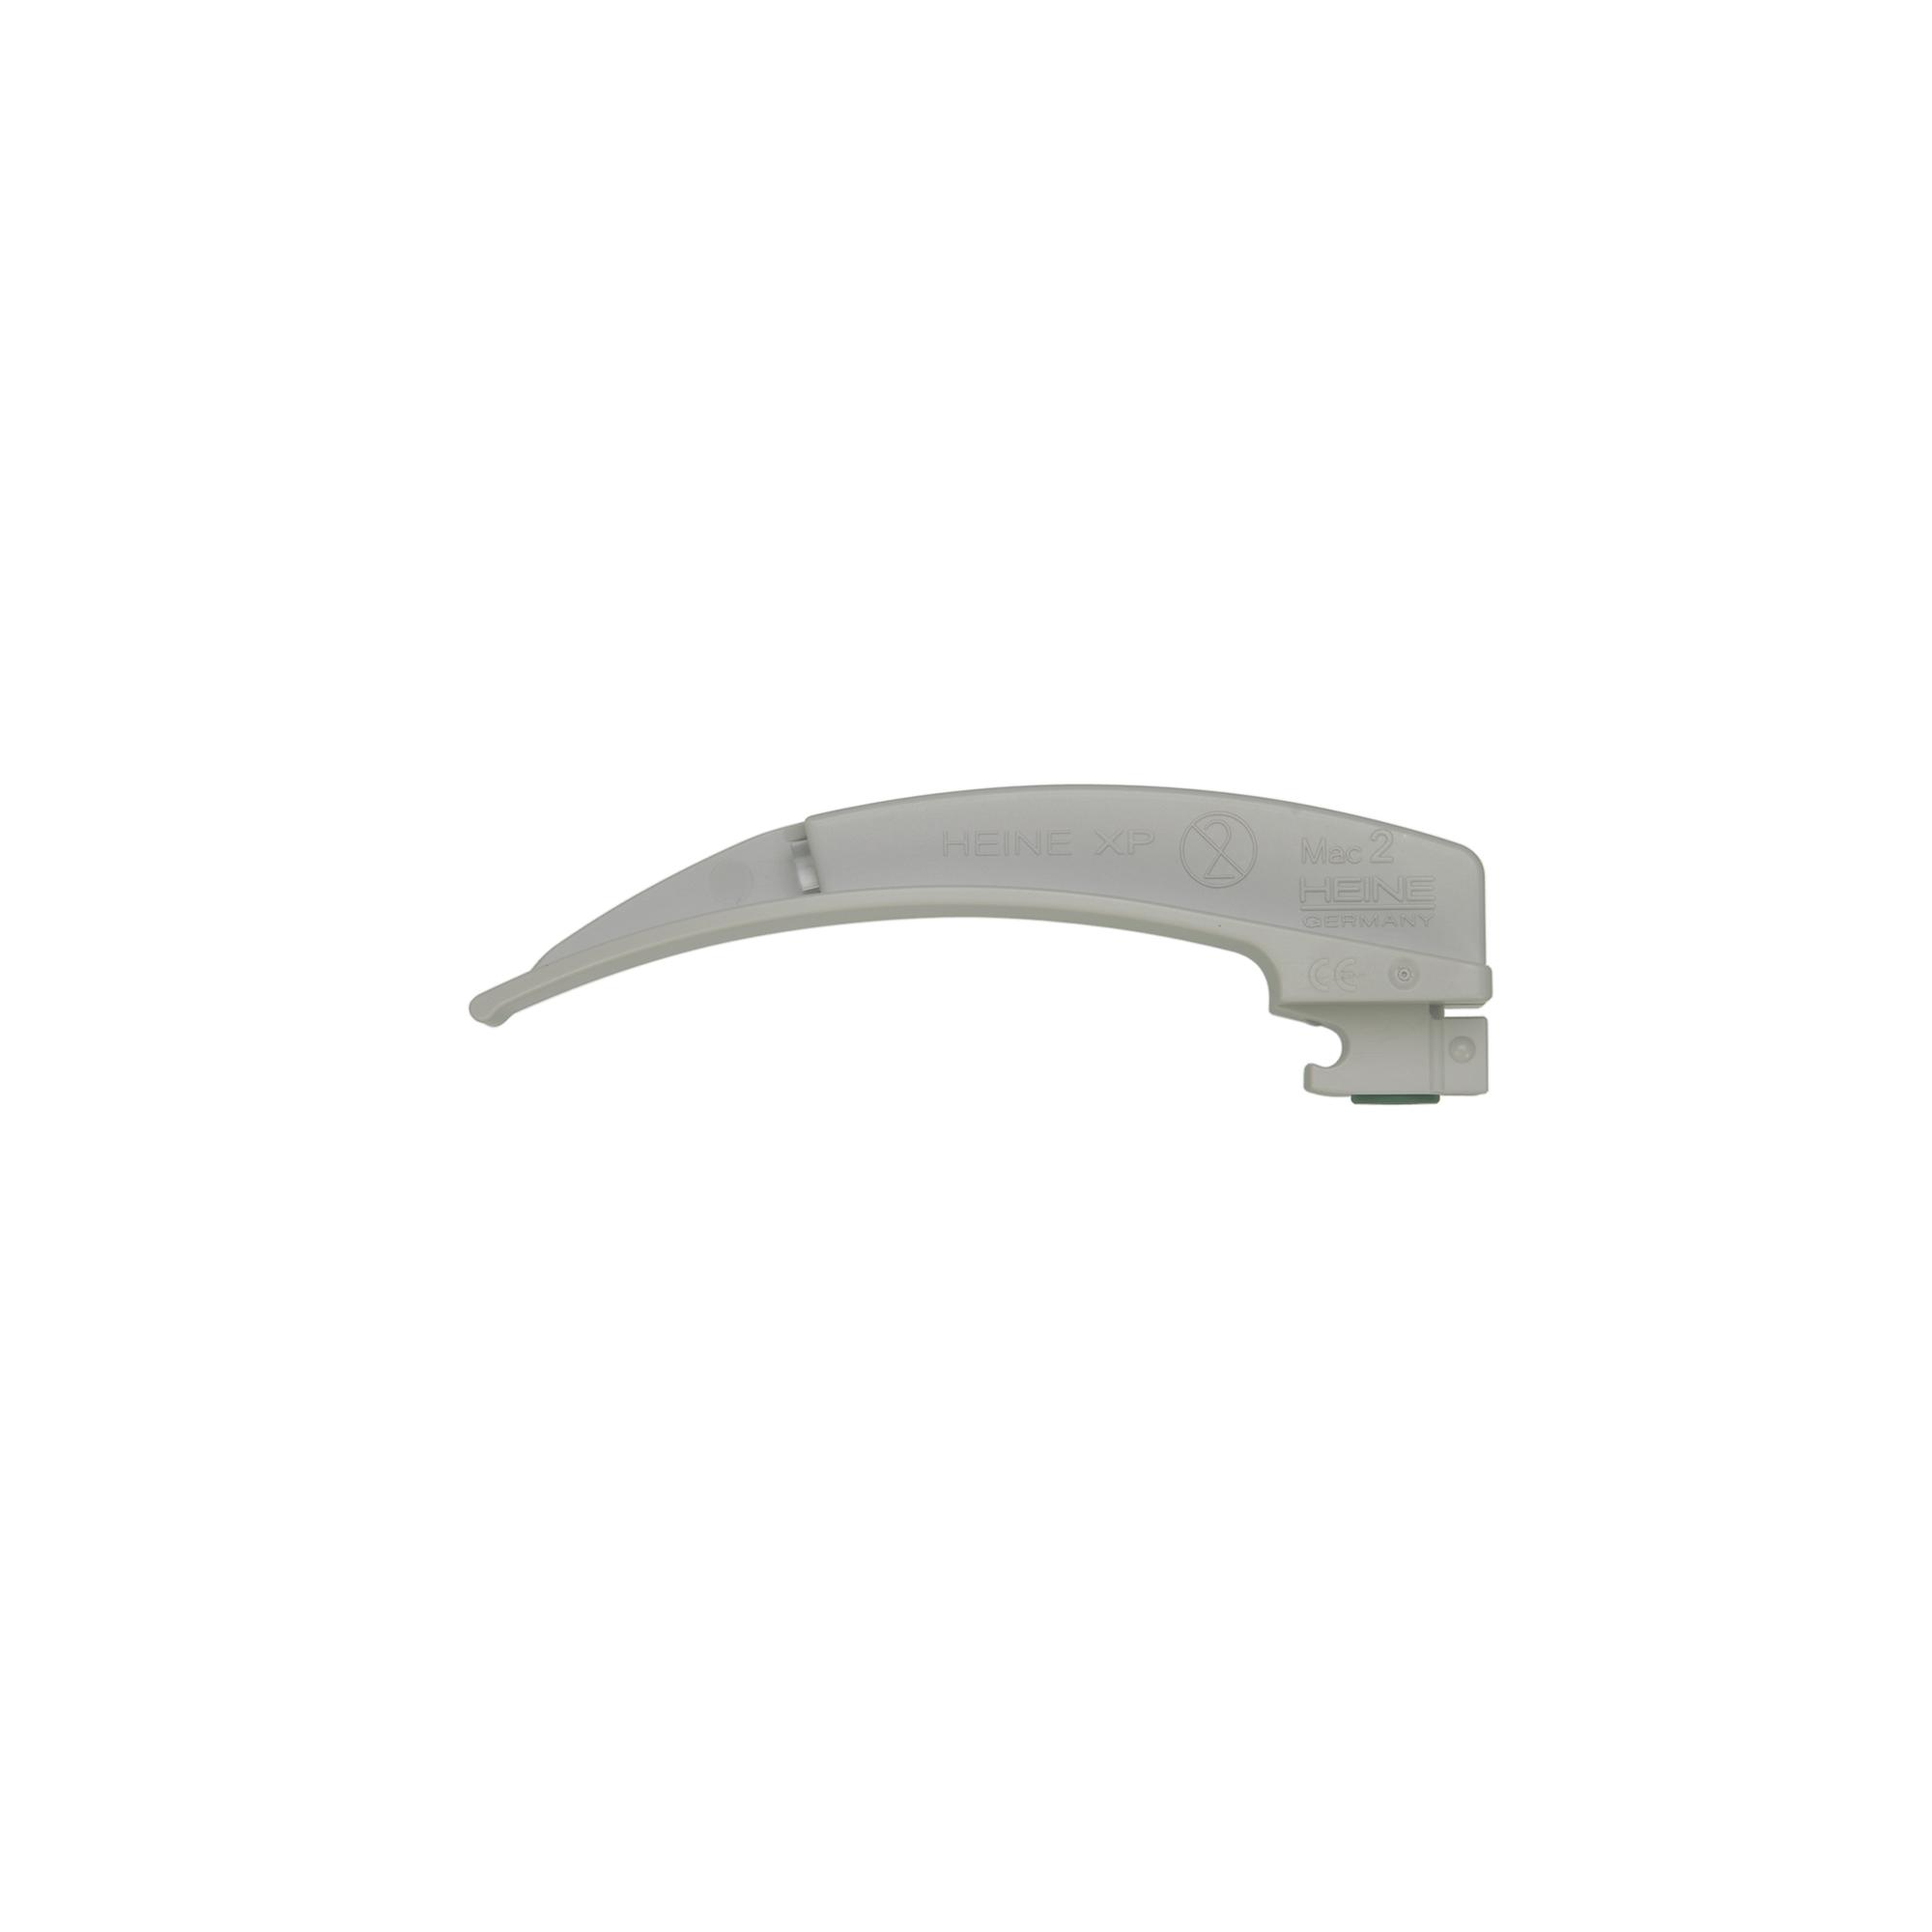 HEINE XP Macintosh Einmalgebrauchs-Spatel Größe 2 - 25 Stück